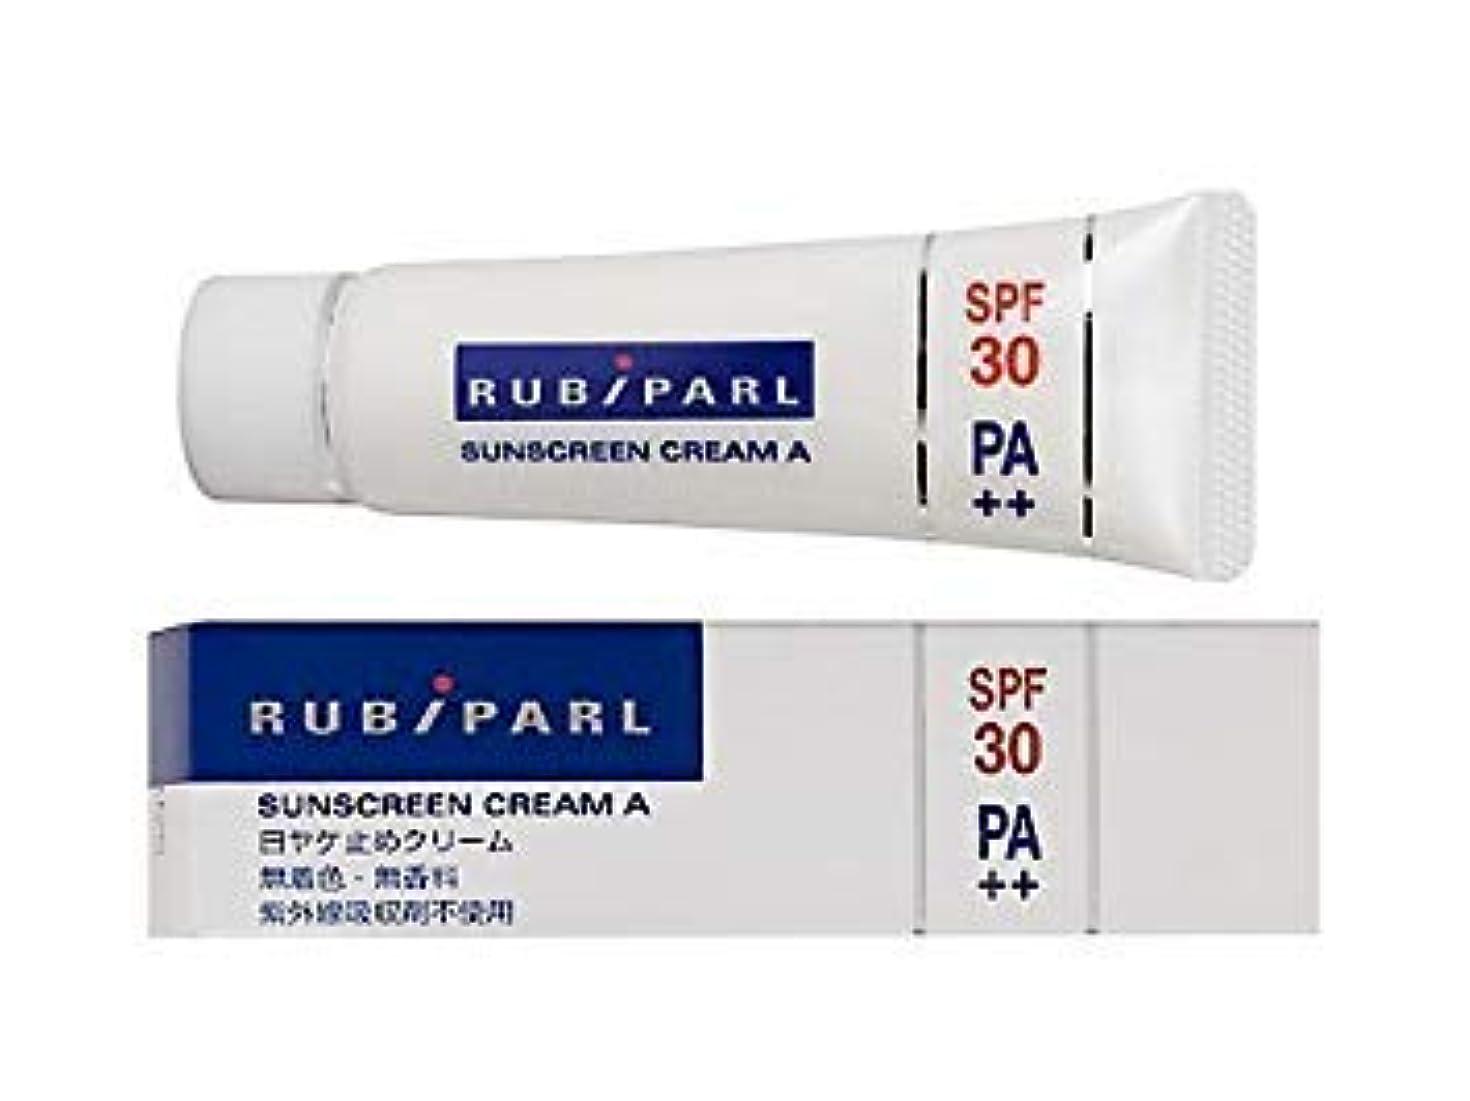 塩伝染性ルールビパール サンスクリーンクリームA 30g×4個セット